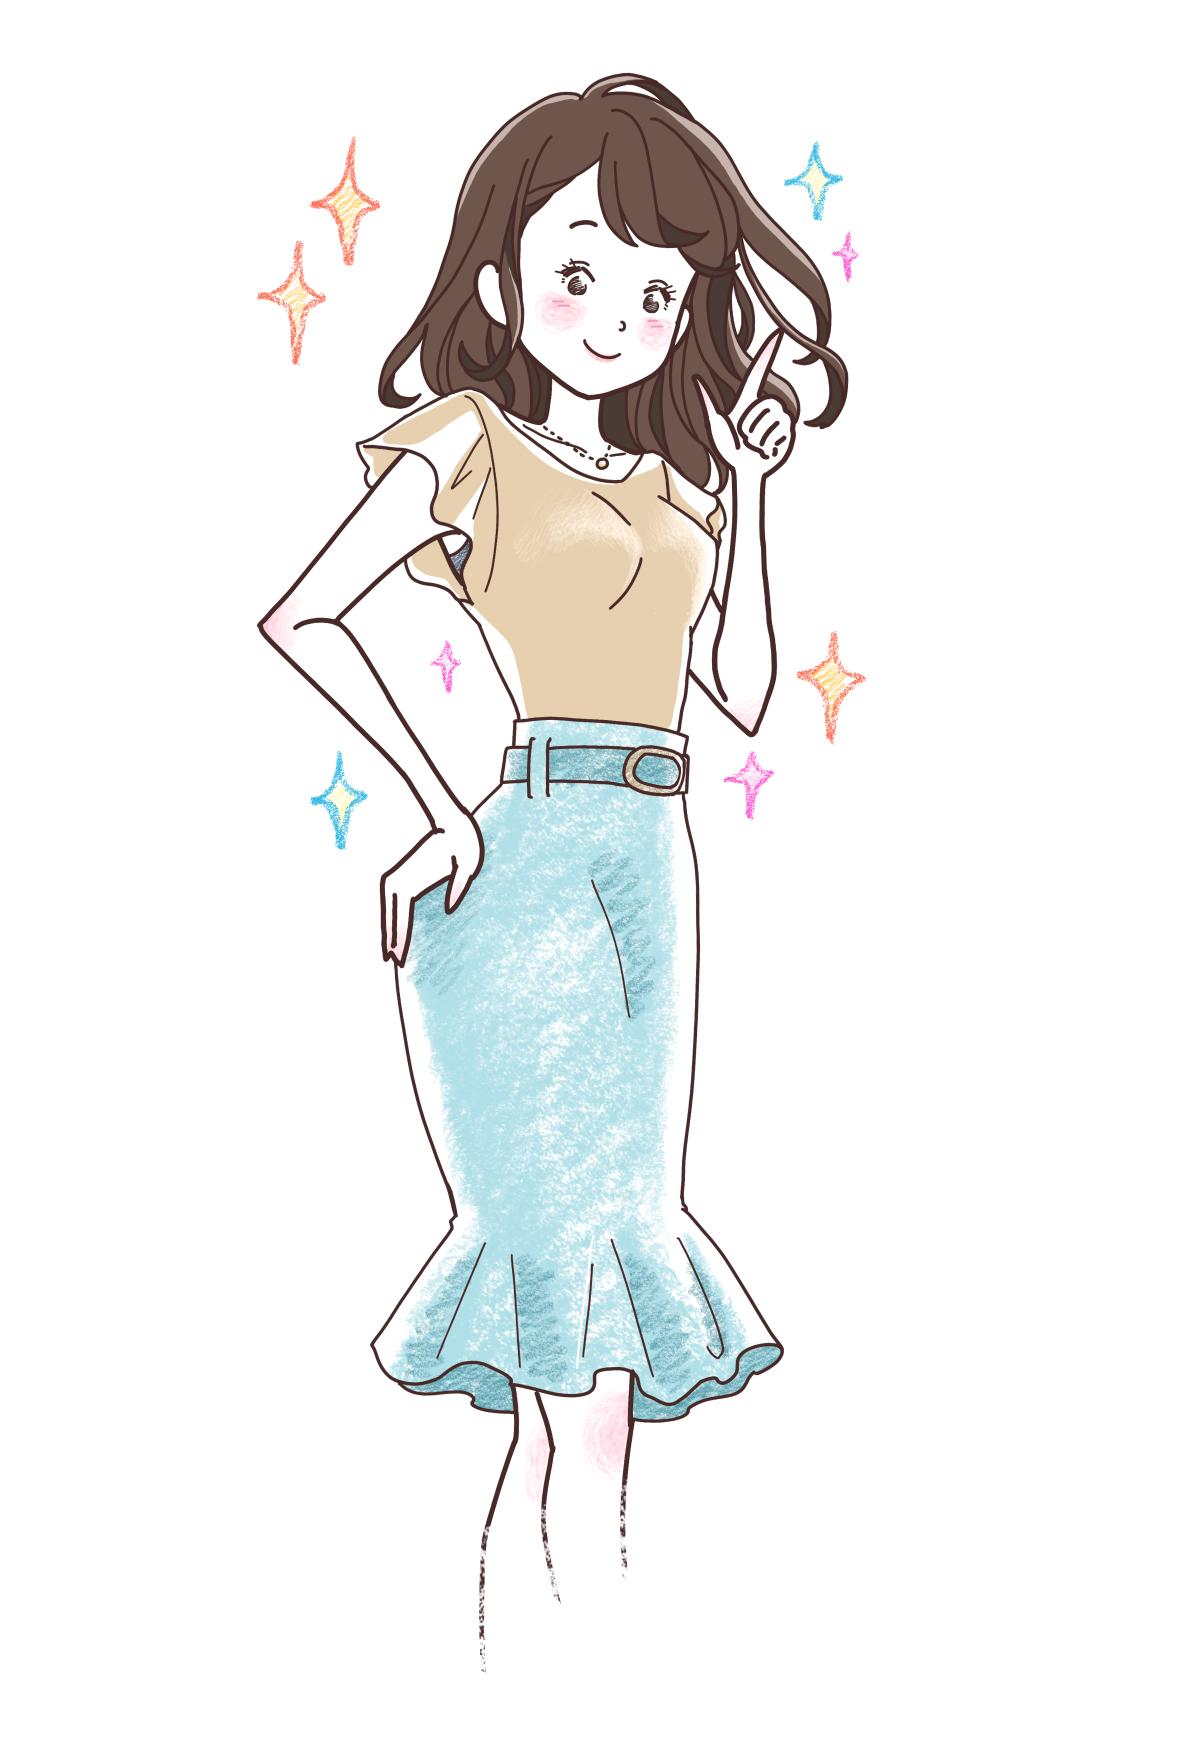 女性立ち絵/カットイラスト